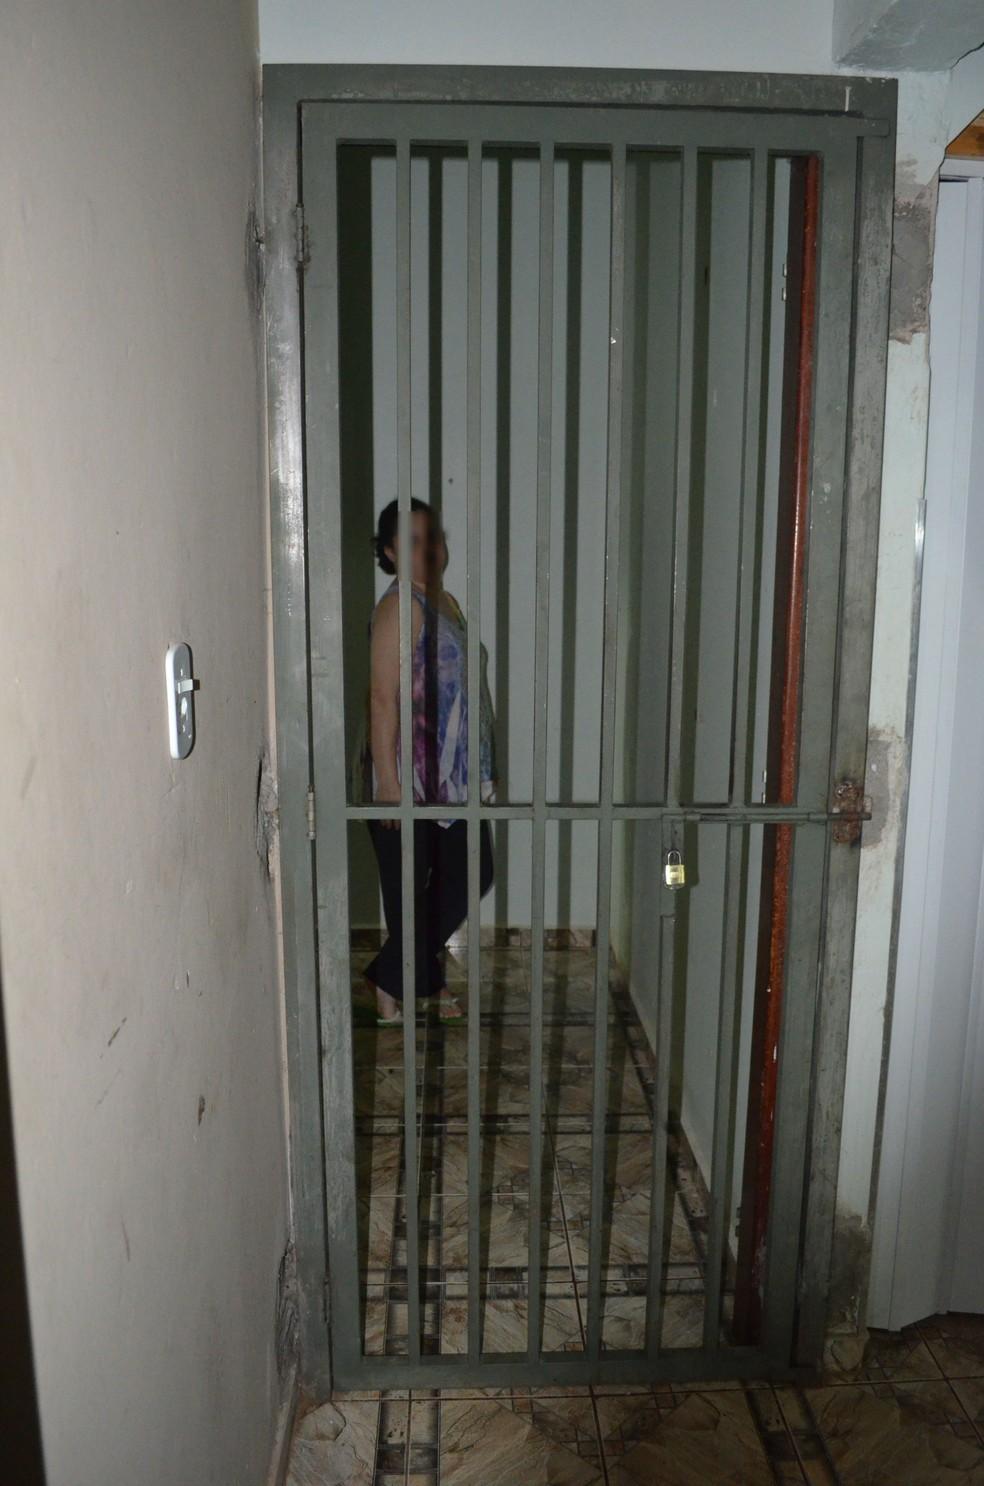 Sem internação permanente, mulher de Serrana (SP) vive encarcerada dentro de casa (Foto: Rodolfo Tiengo/G1)